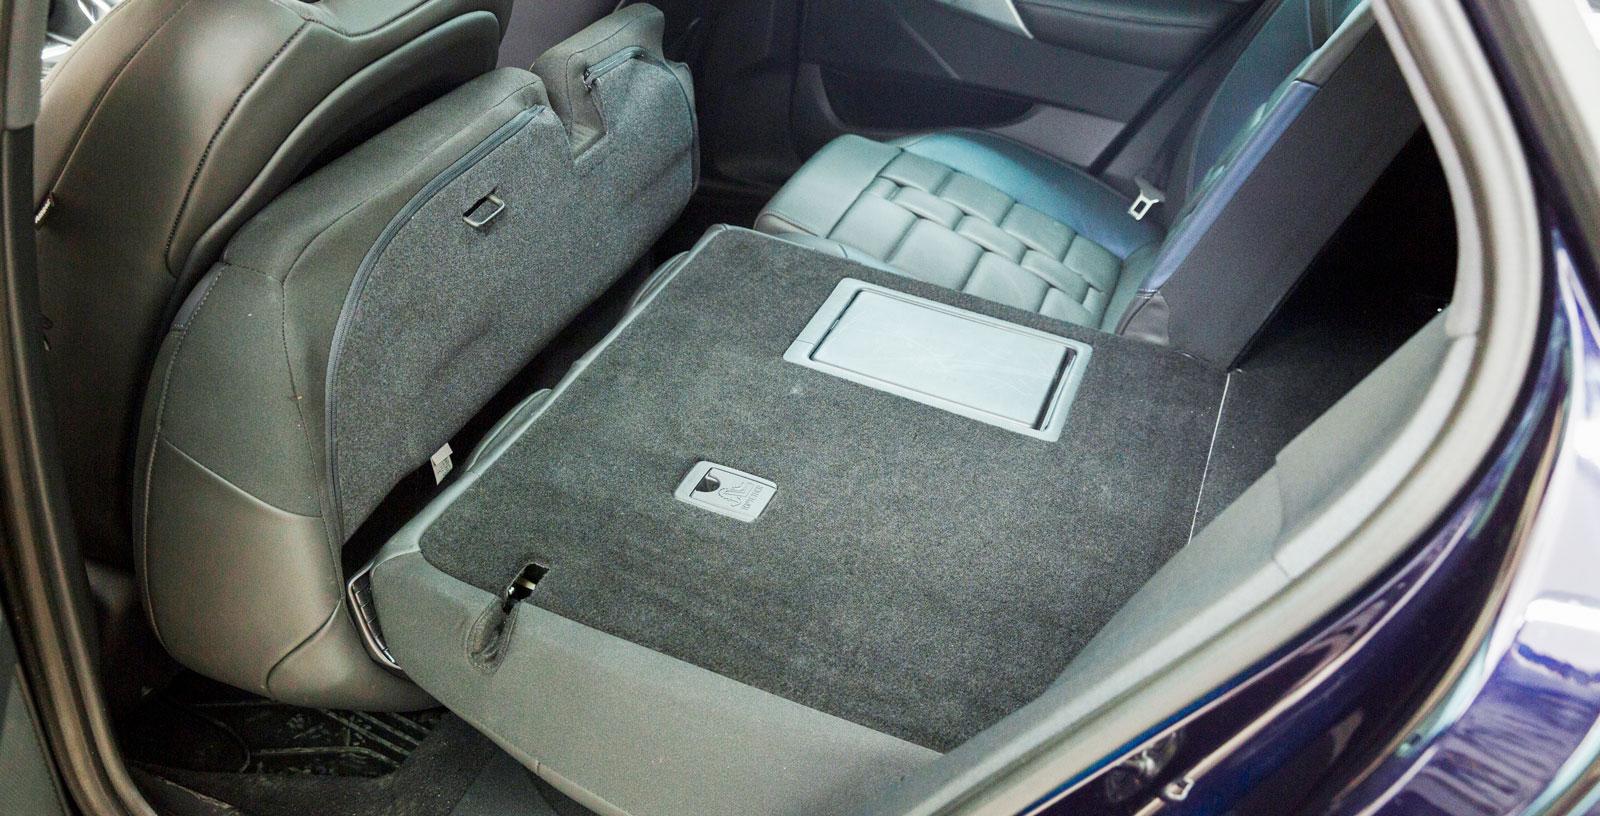 Både sittdyna och ryggstöd kan fällas när det behövs extra plats för bagage. Då blir lastgolvet helt slätt.